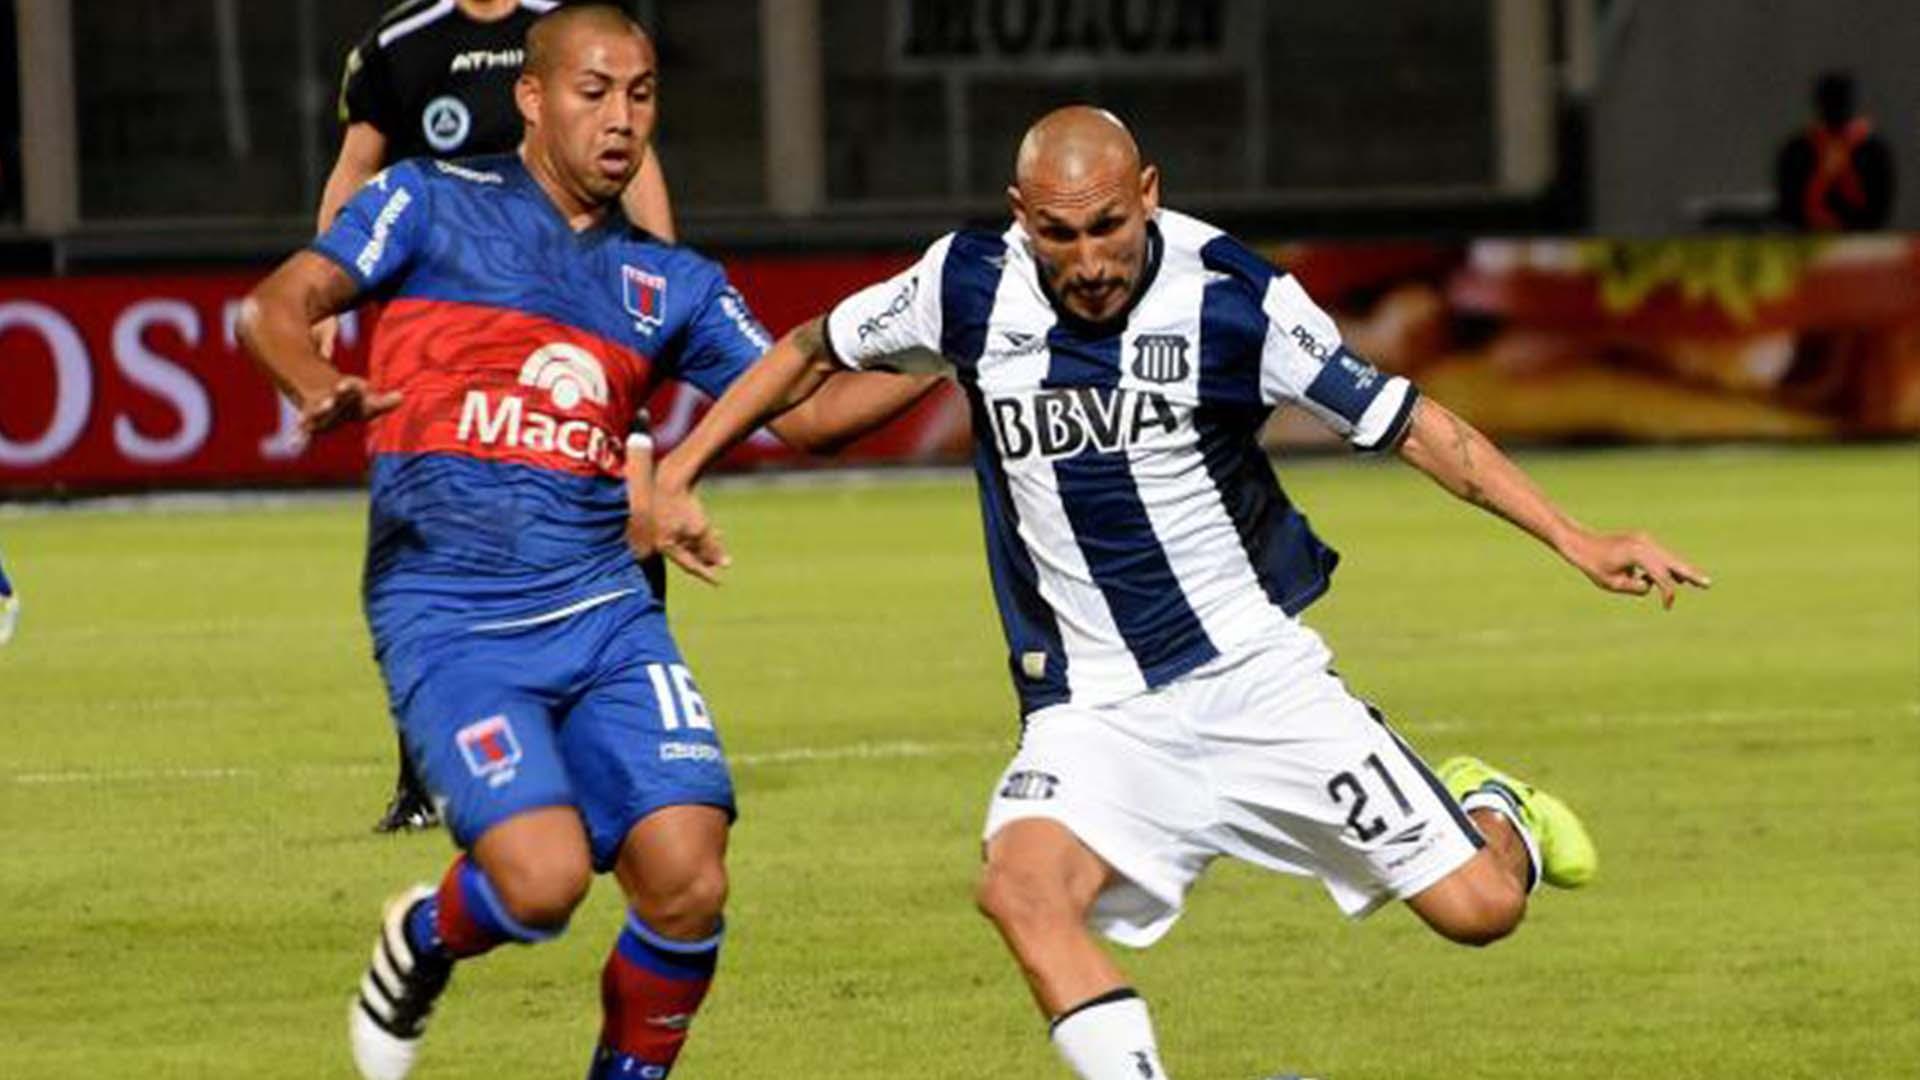 Pablo Guiñazu Iñiguez Talleres de Cordoba Tigre Primera Division 05052017